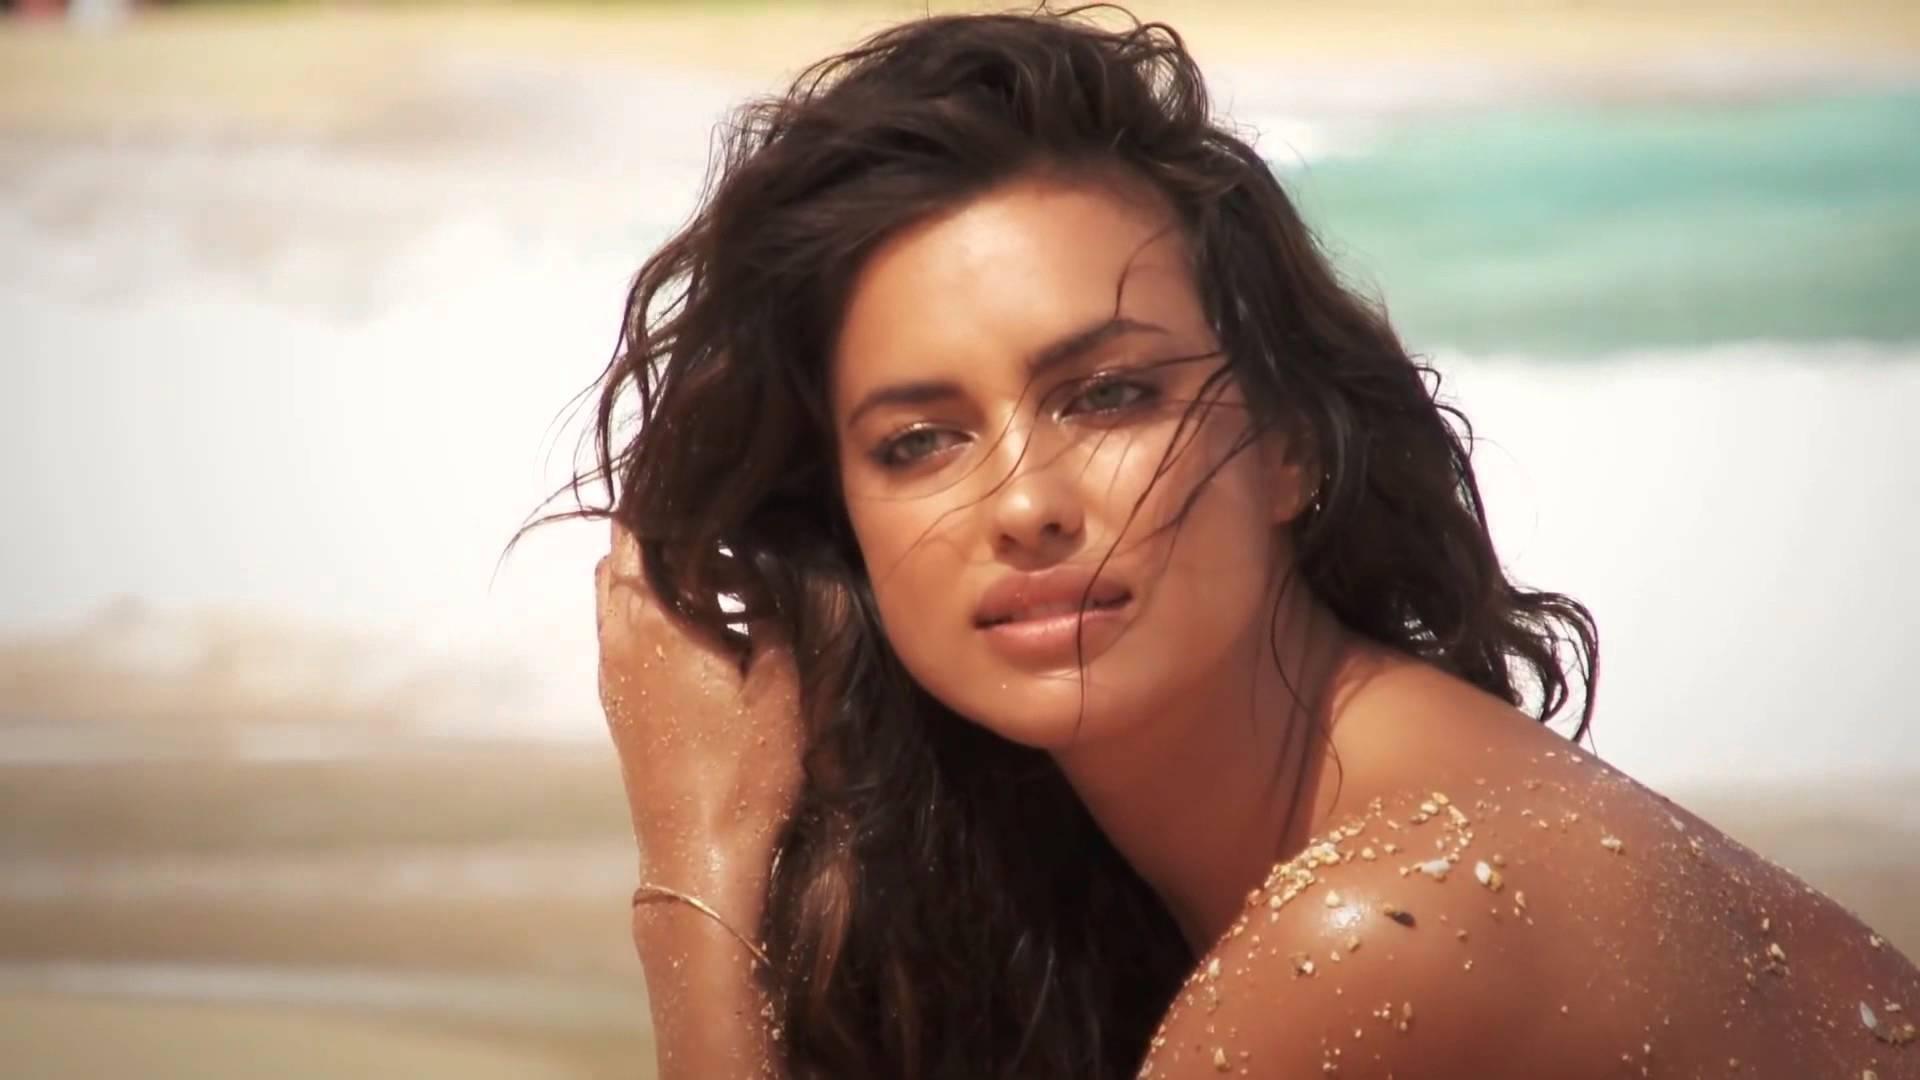 Ирина Шейк снялась в рекламной кампании Intimissimi